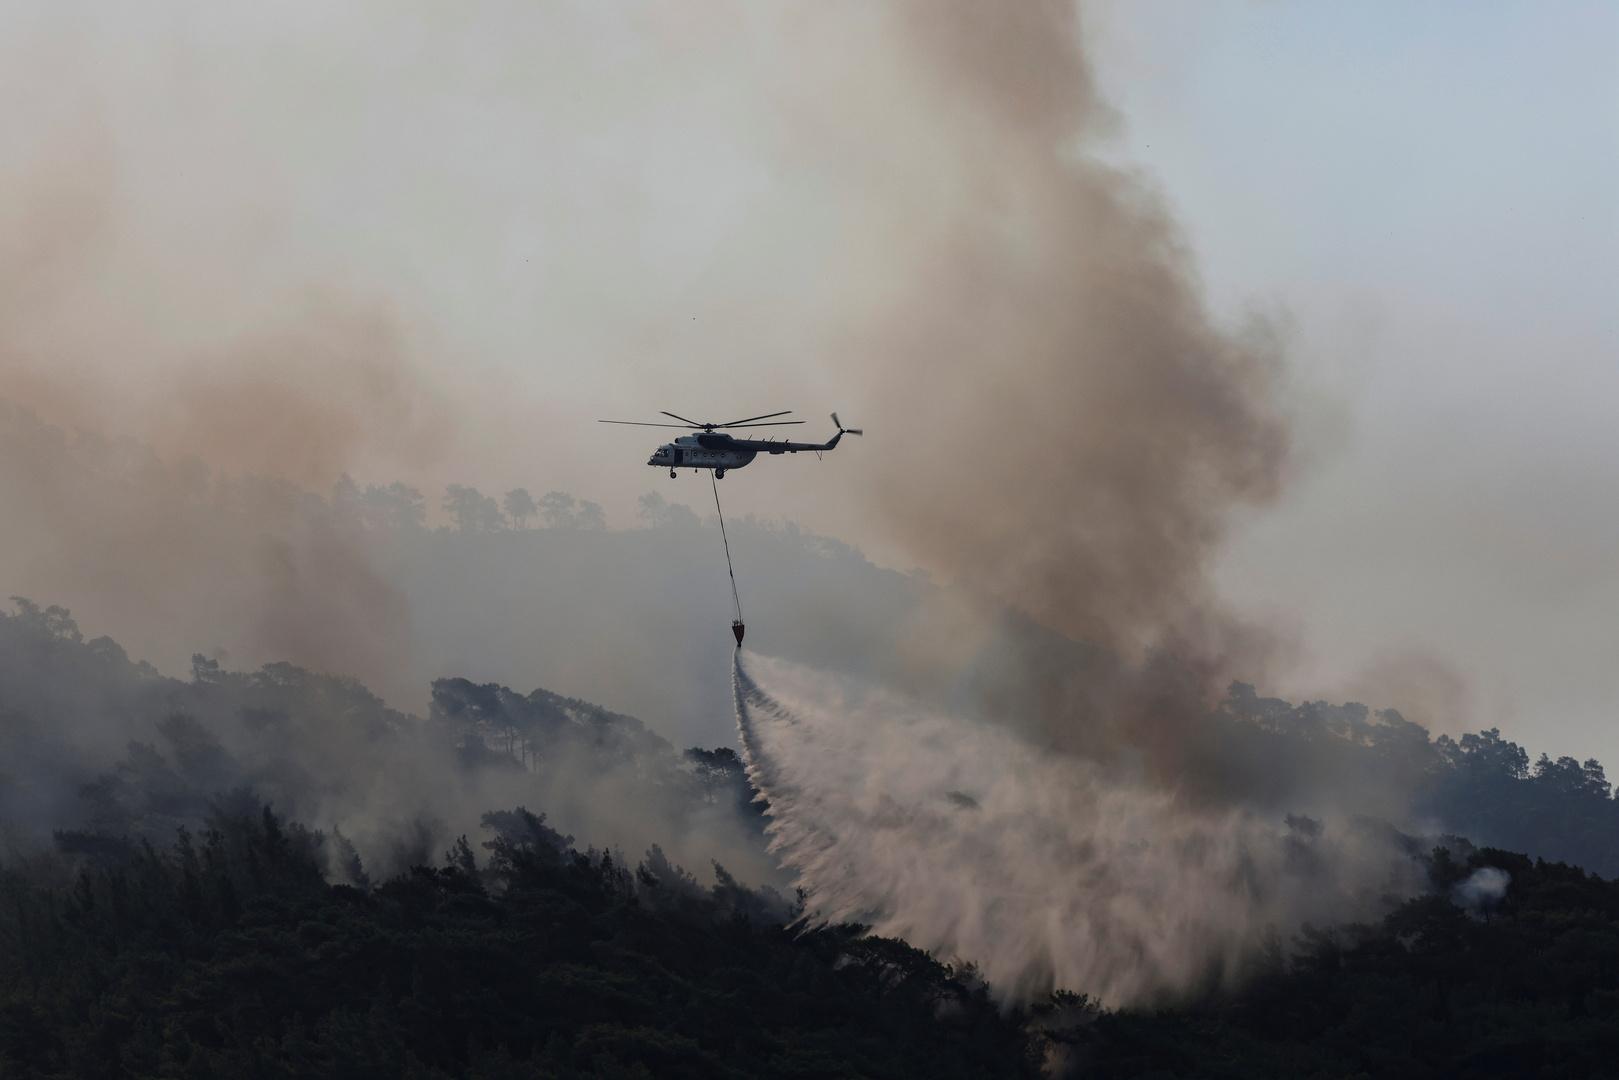 وصول فريق طوارئ قطري إلى تركيا للمشاركة في إخماد حرائق الغابات